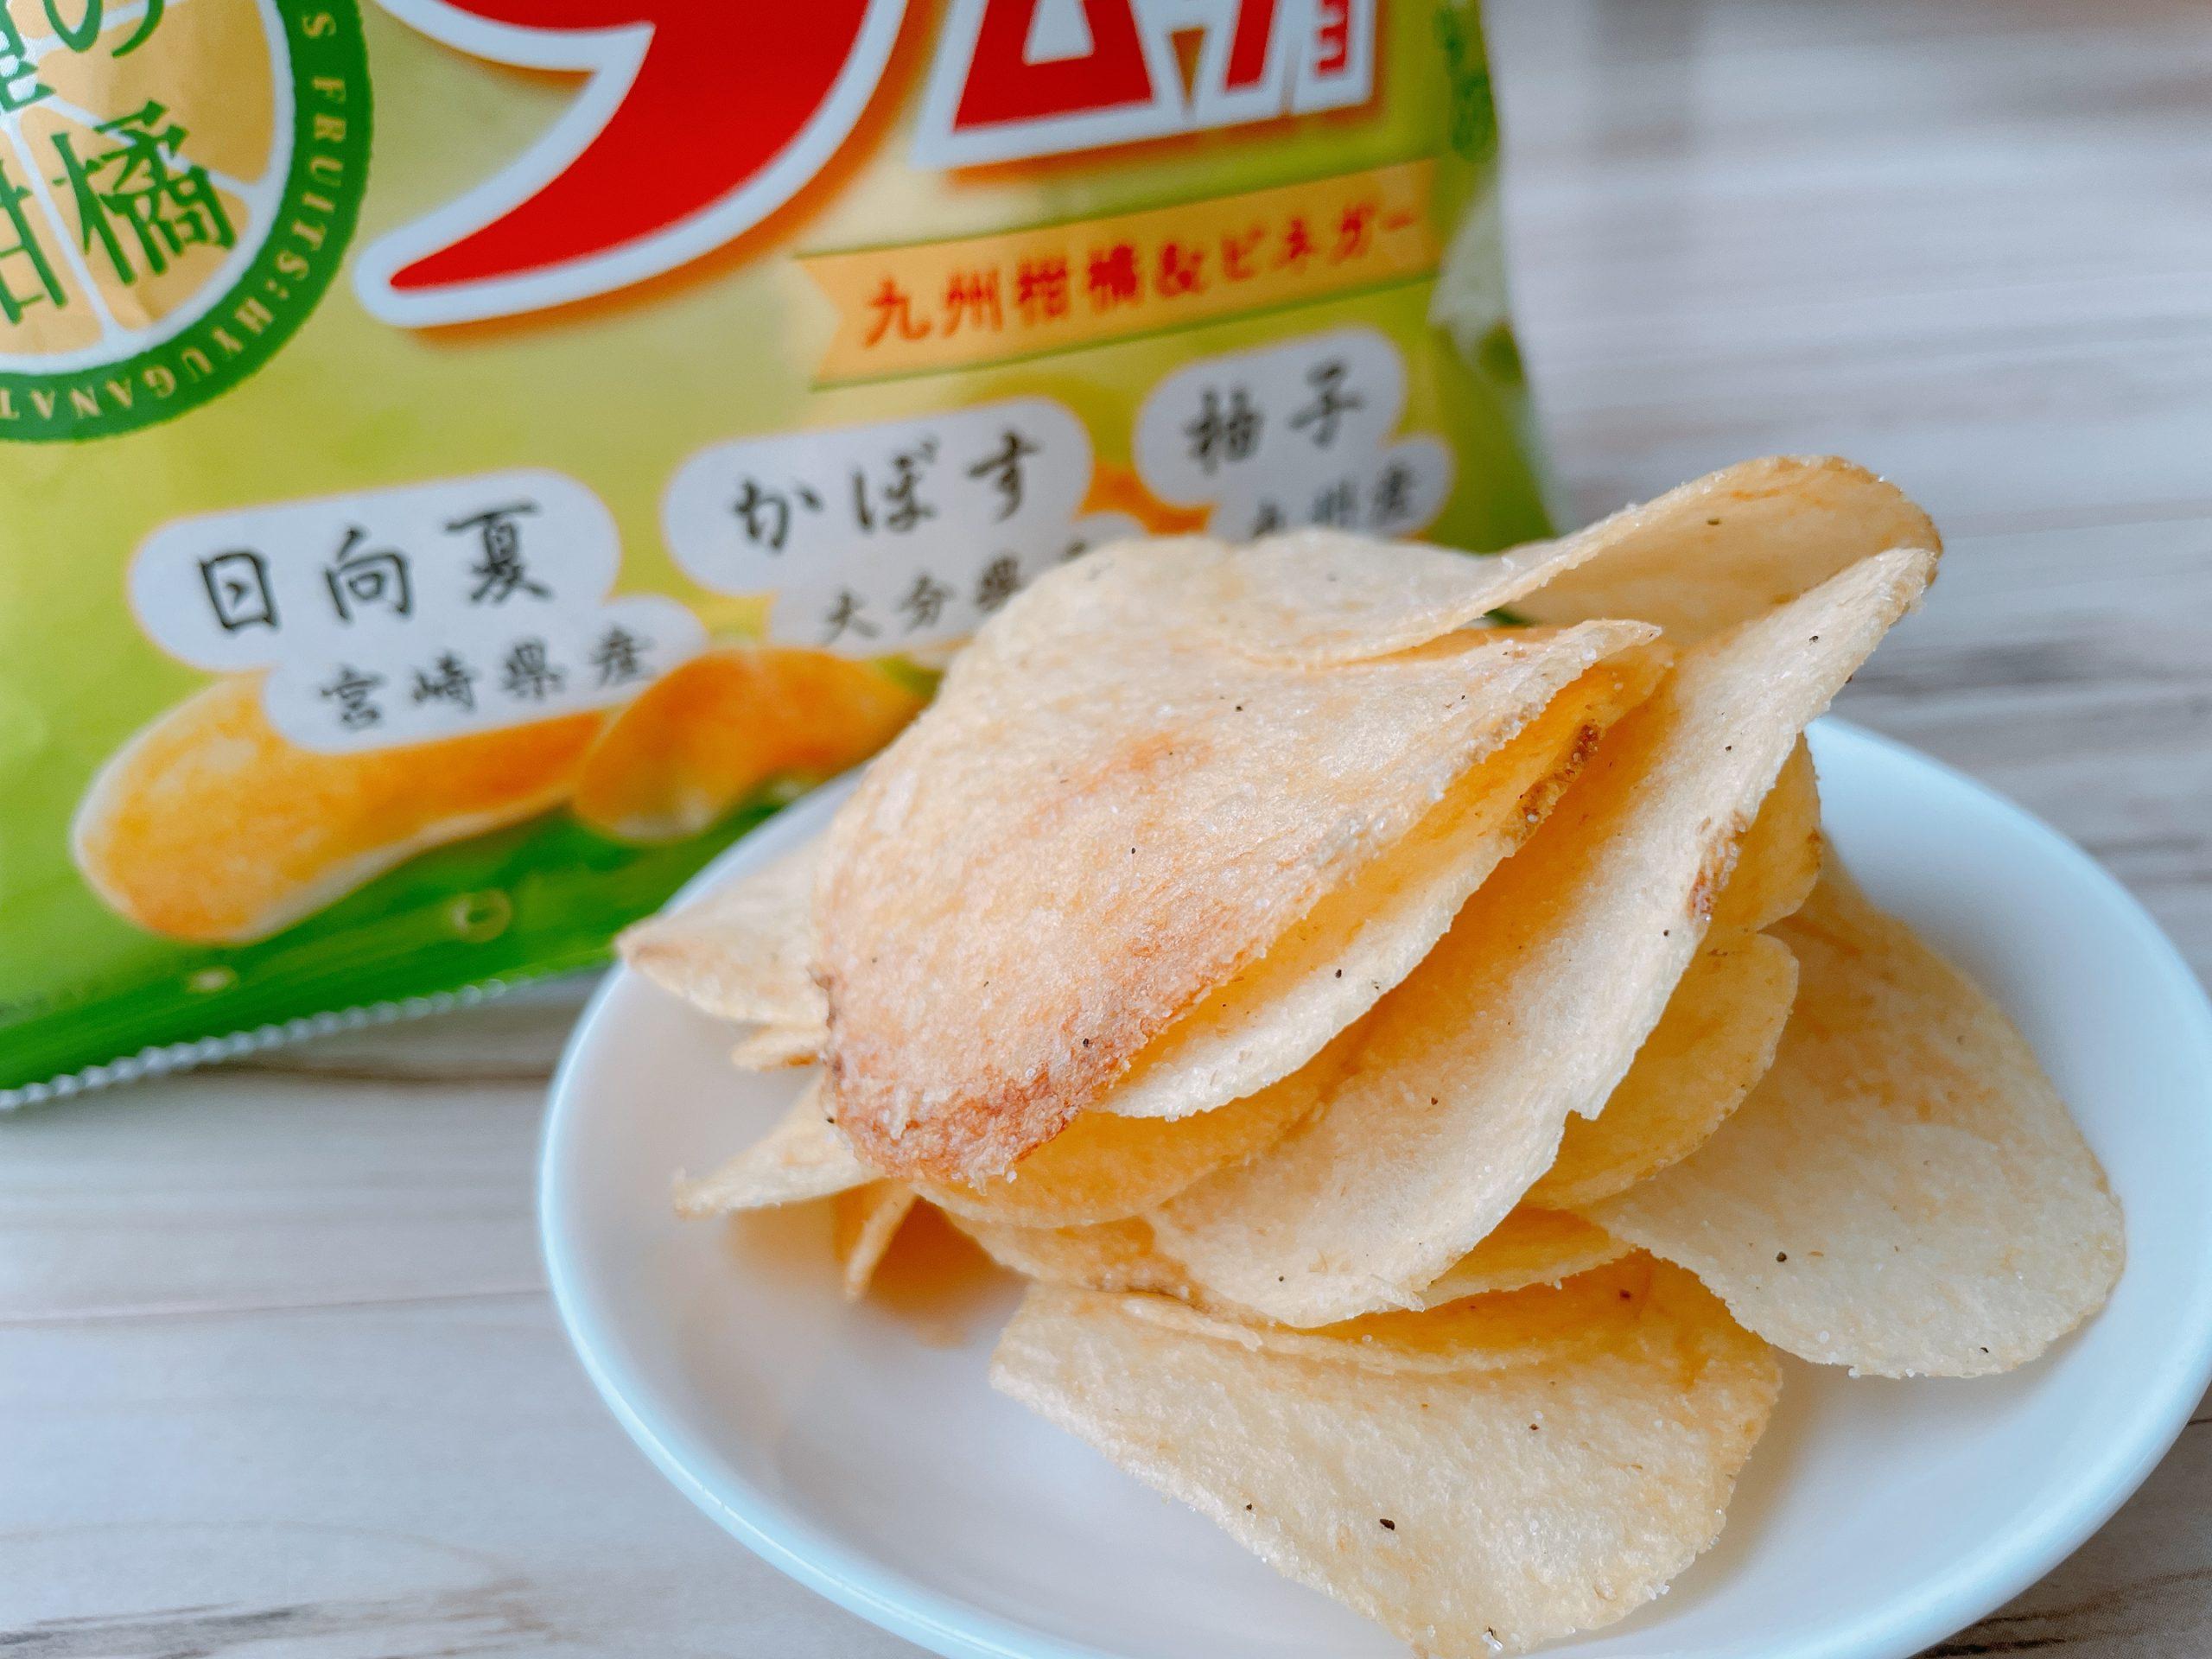 九州すっぱムーチョ<九州柑橘&ビネガー>見た目が黄金色